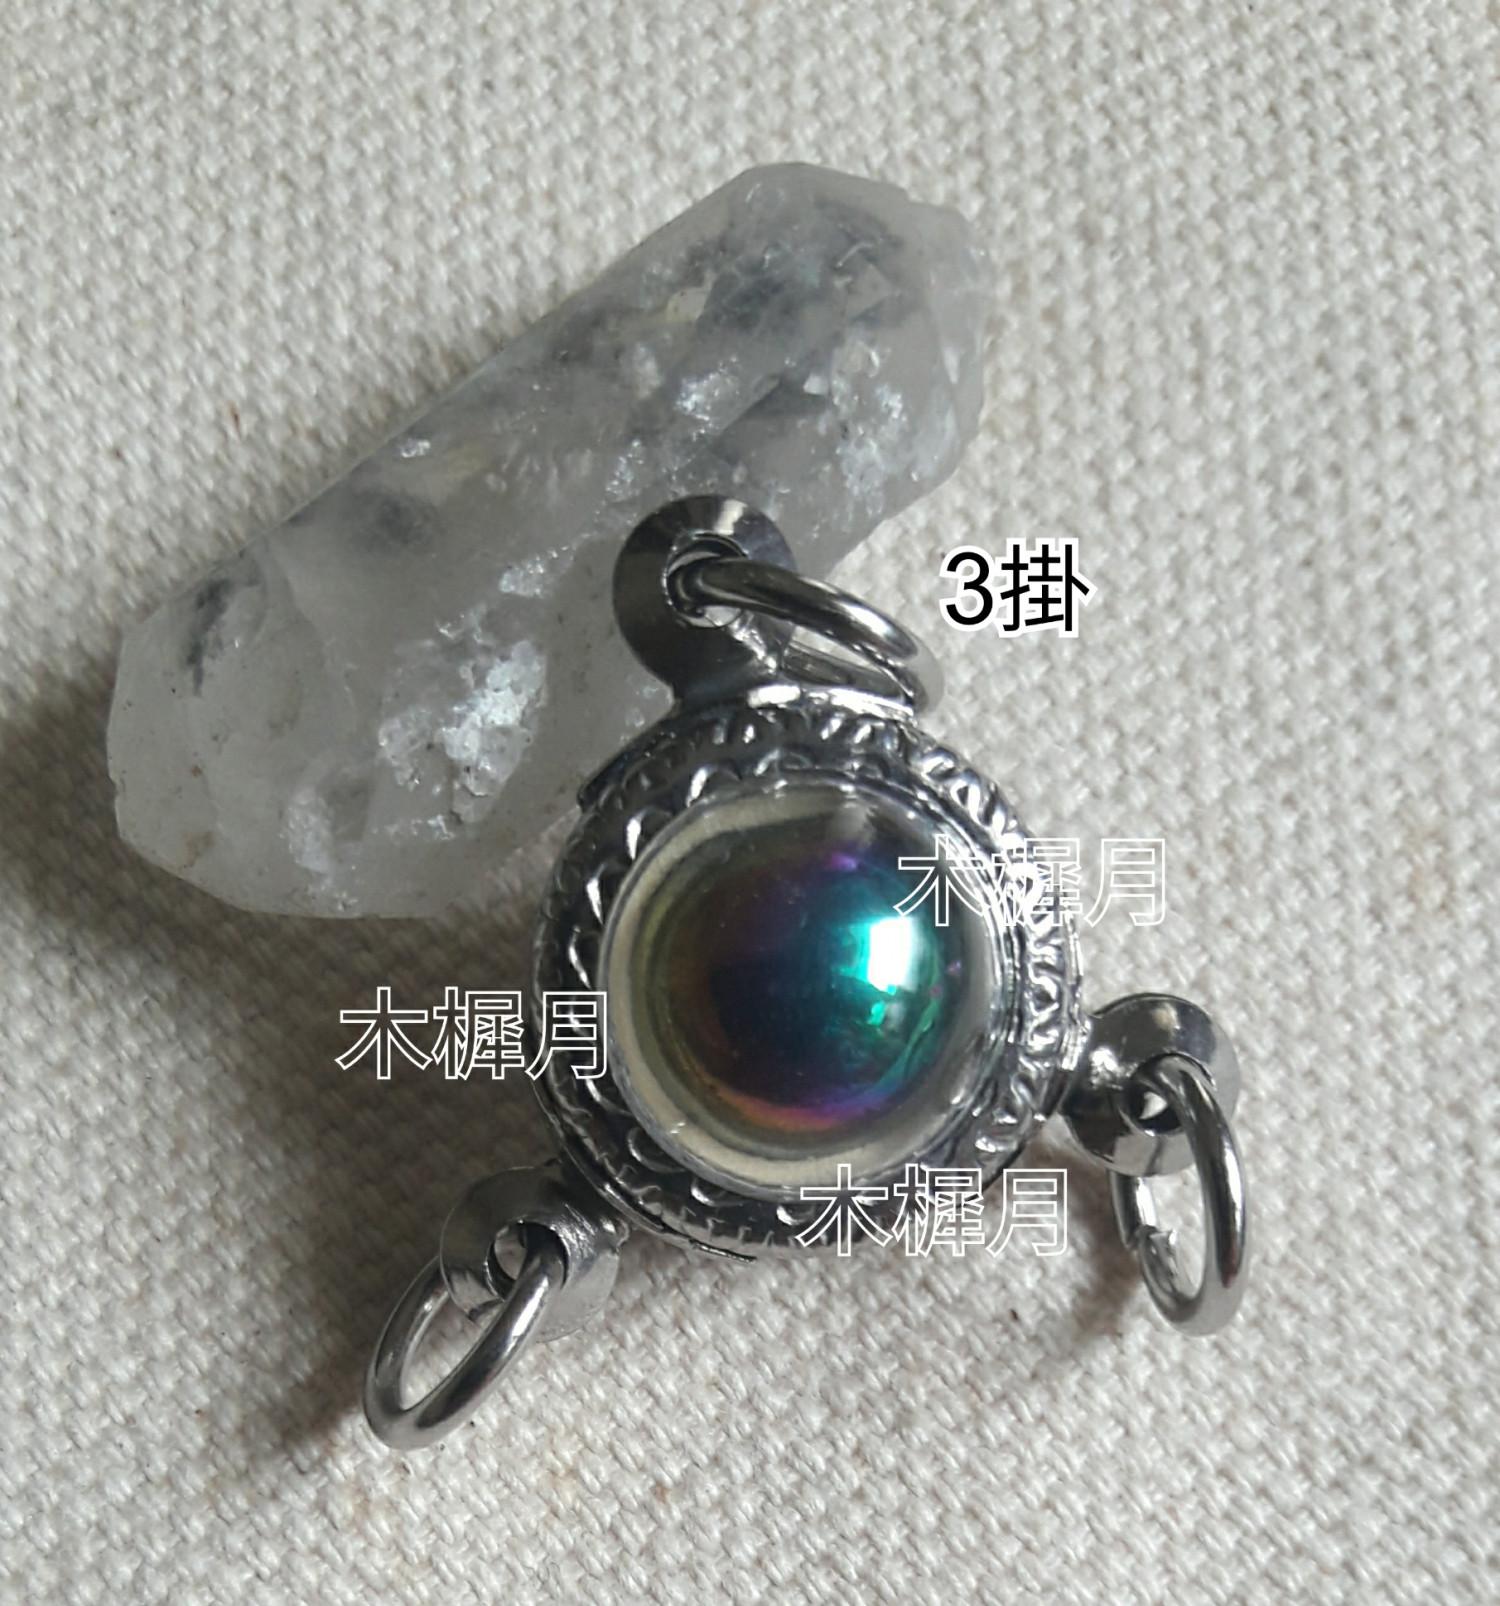 【木樨月】泰國七彩、銀(流鐵)珠 3掛 1.7公分殼現貨